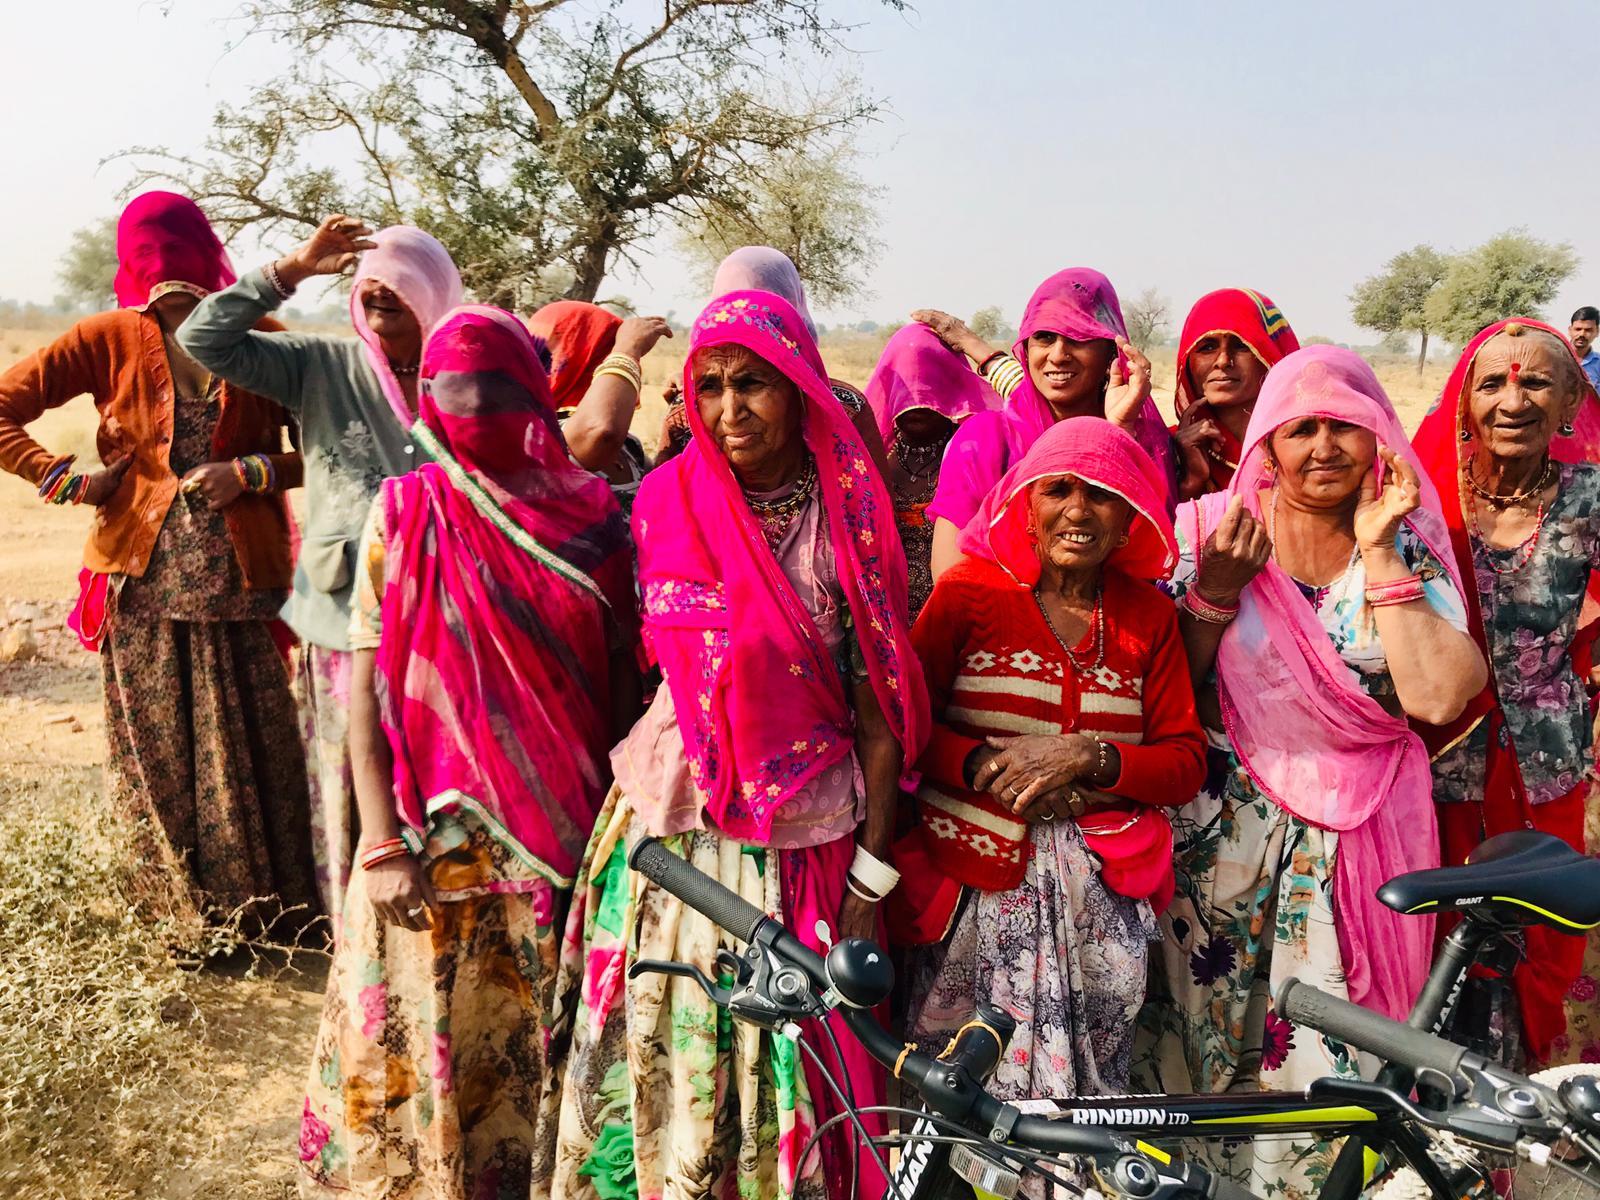 Indien für Aktivreisende: Kombiniere Kultur und Sport bei einer Fahrradtour durch Jaipur.